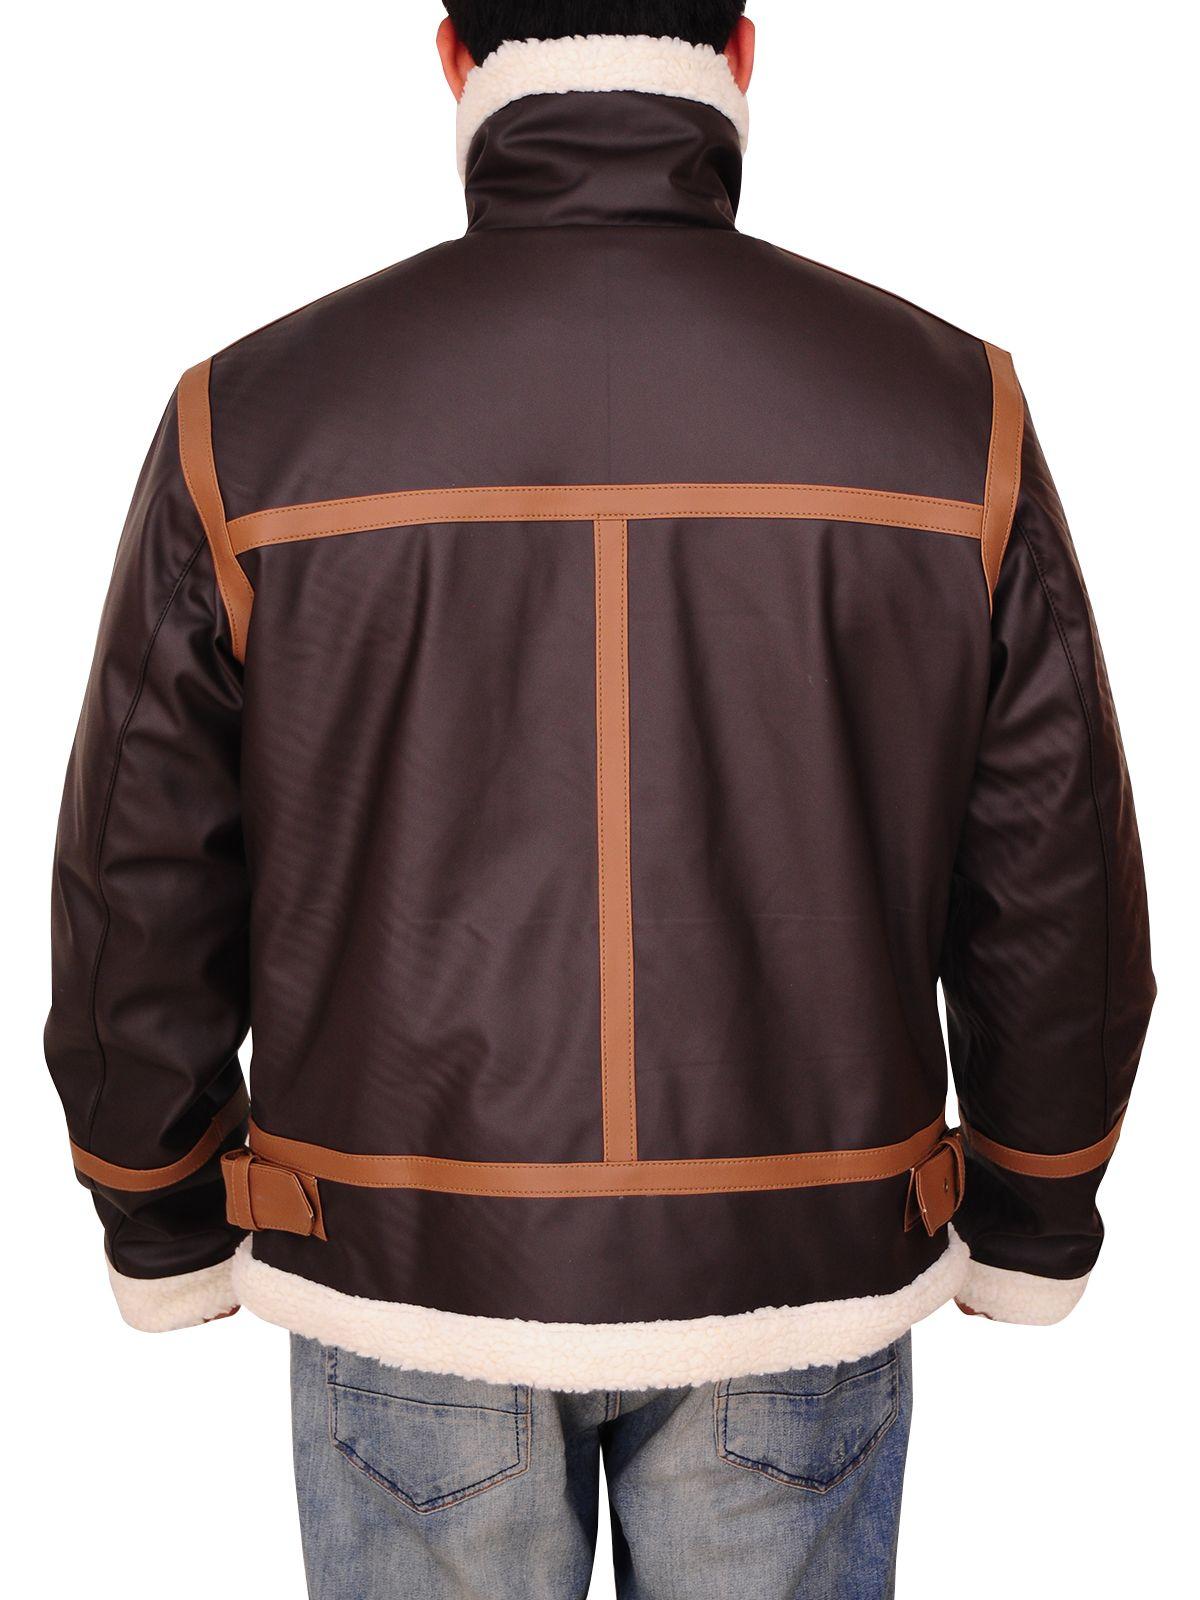 Men Brown Fur Jacket Jackets, Fur jacket, Leather jacket